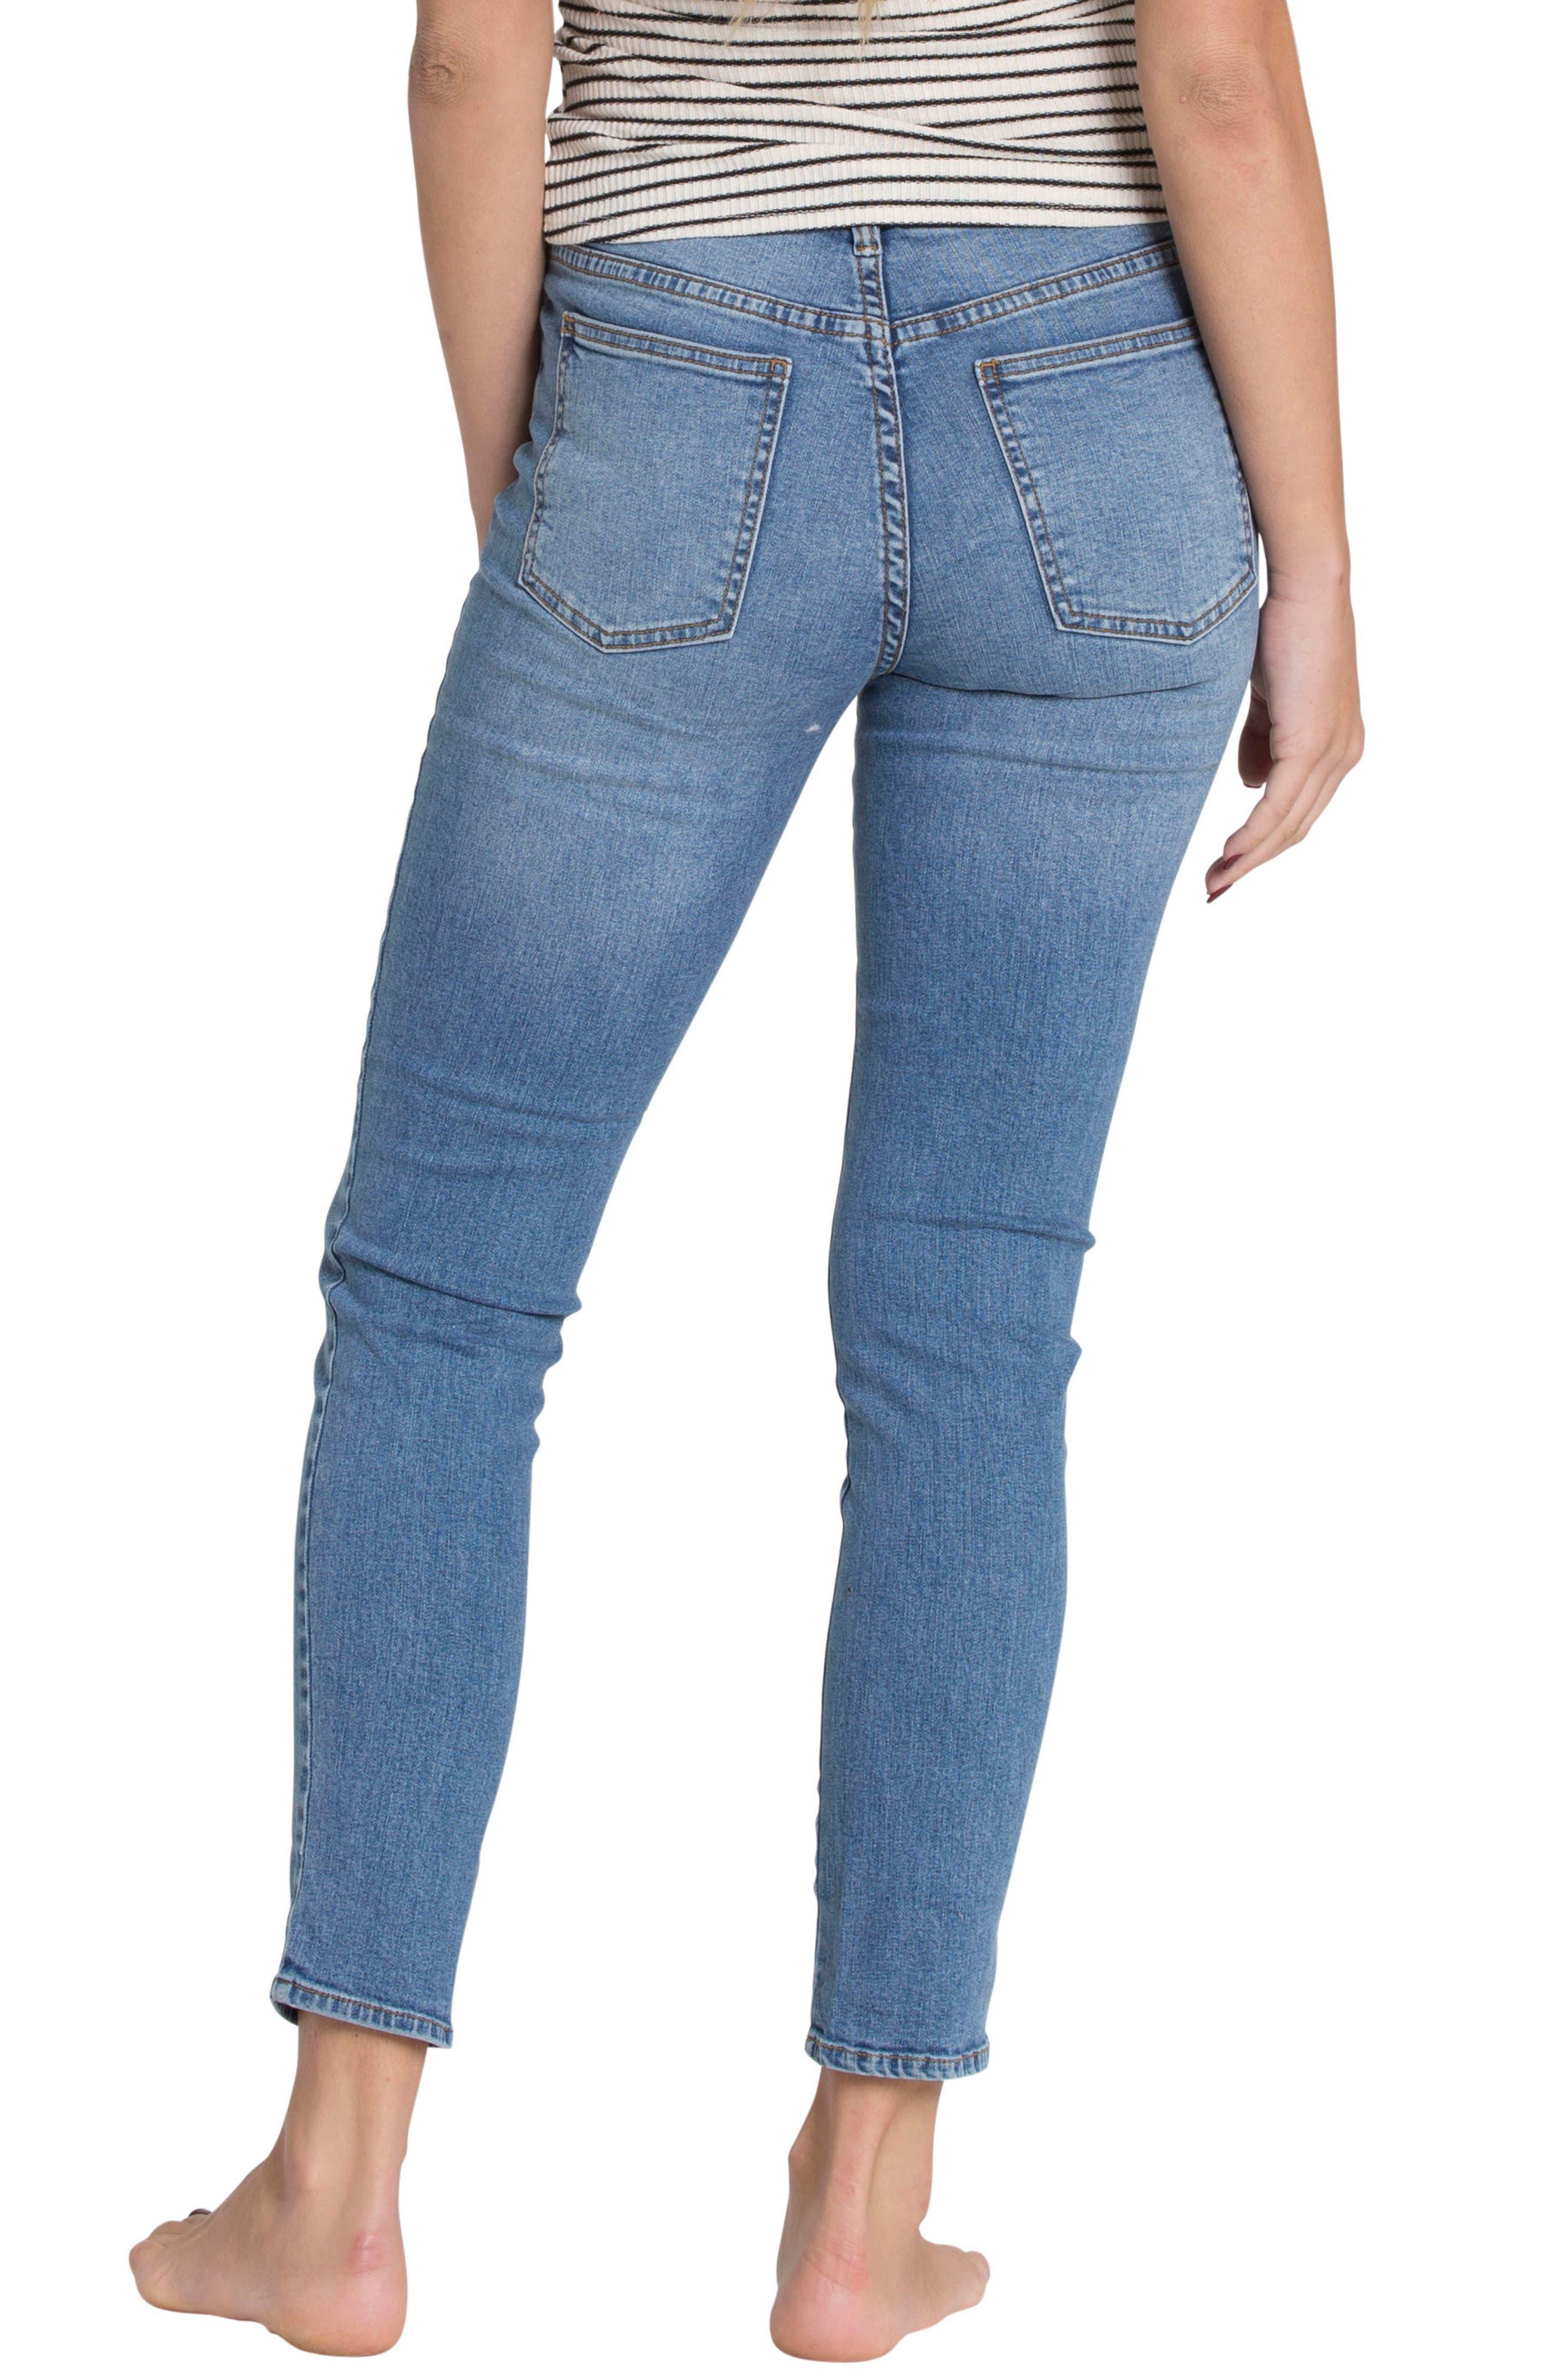 Alternate Image 2  - Billabong Side by Side Skinny Jeans (Blue Tide)